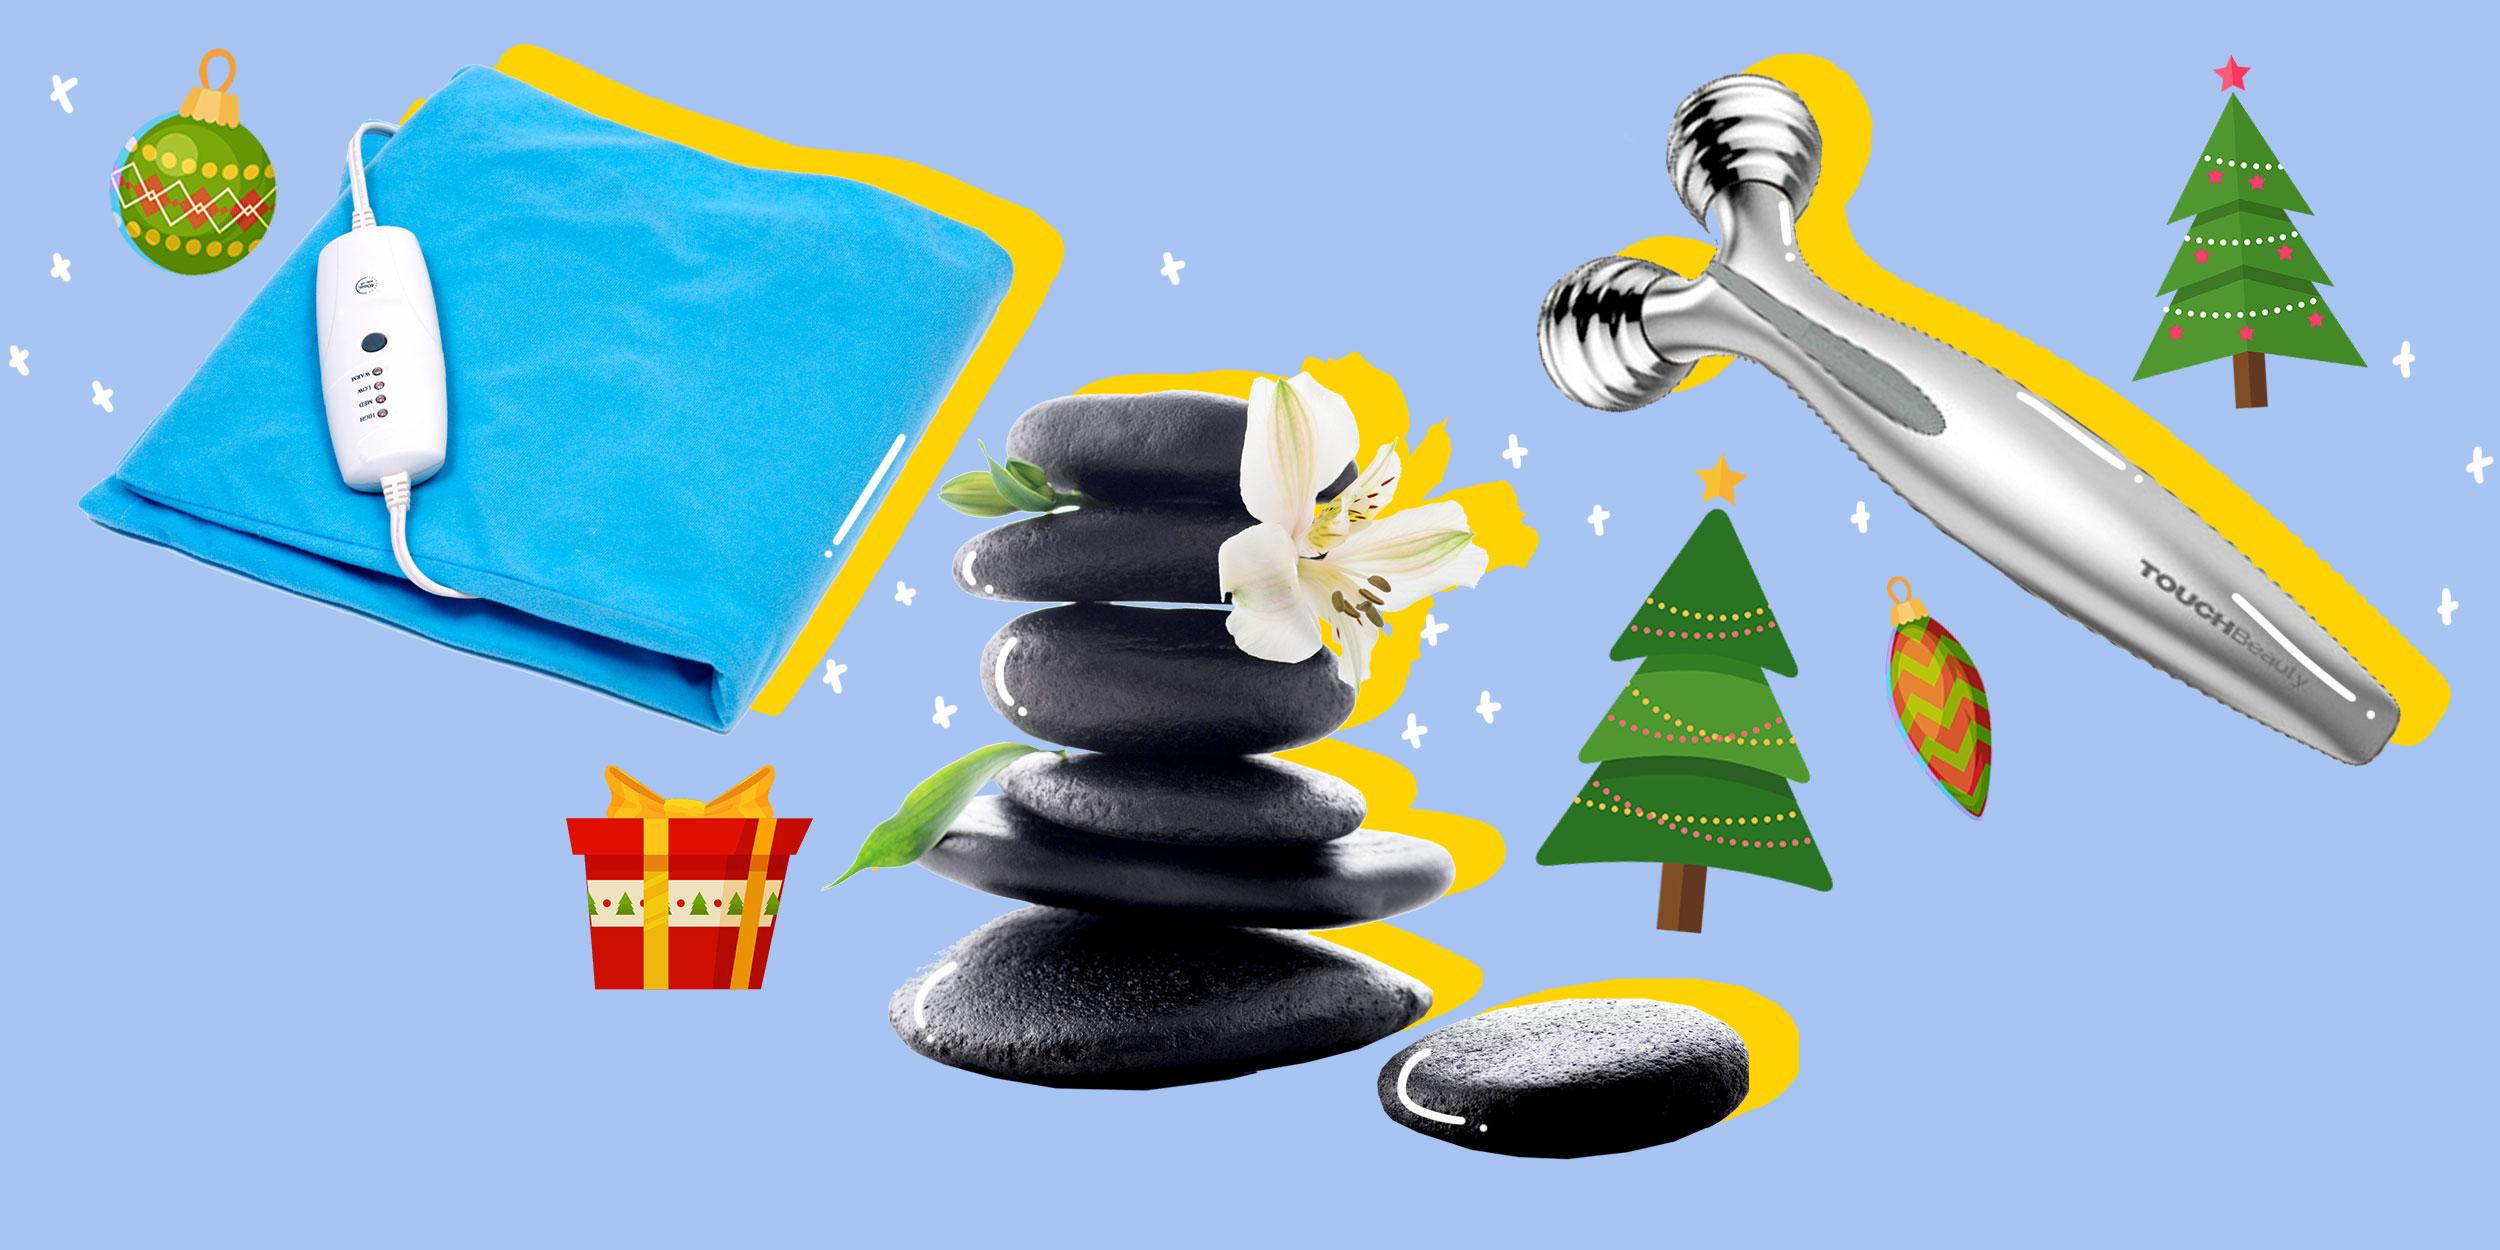 10новогодних подарков для тех, о ком вы заботитесь